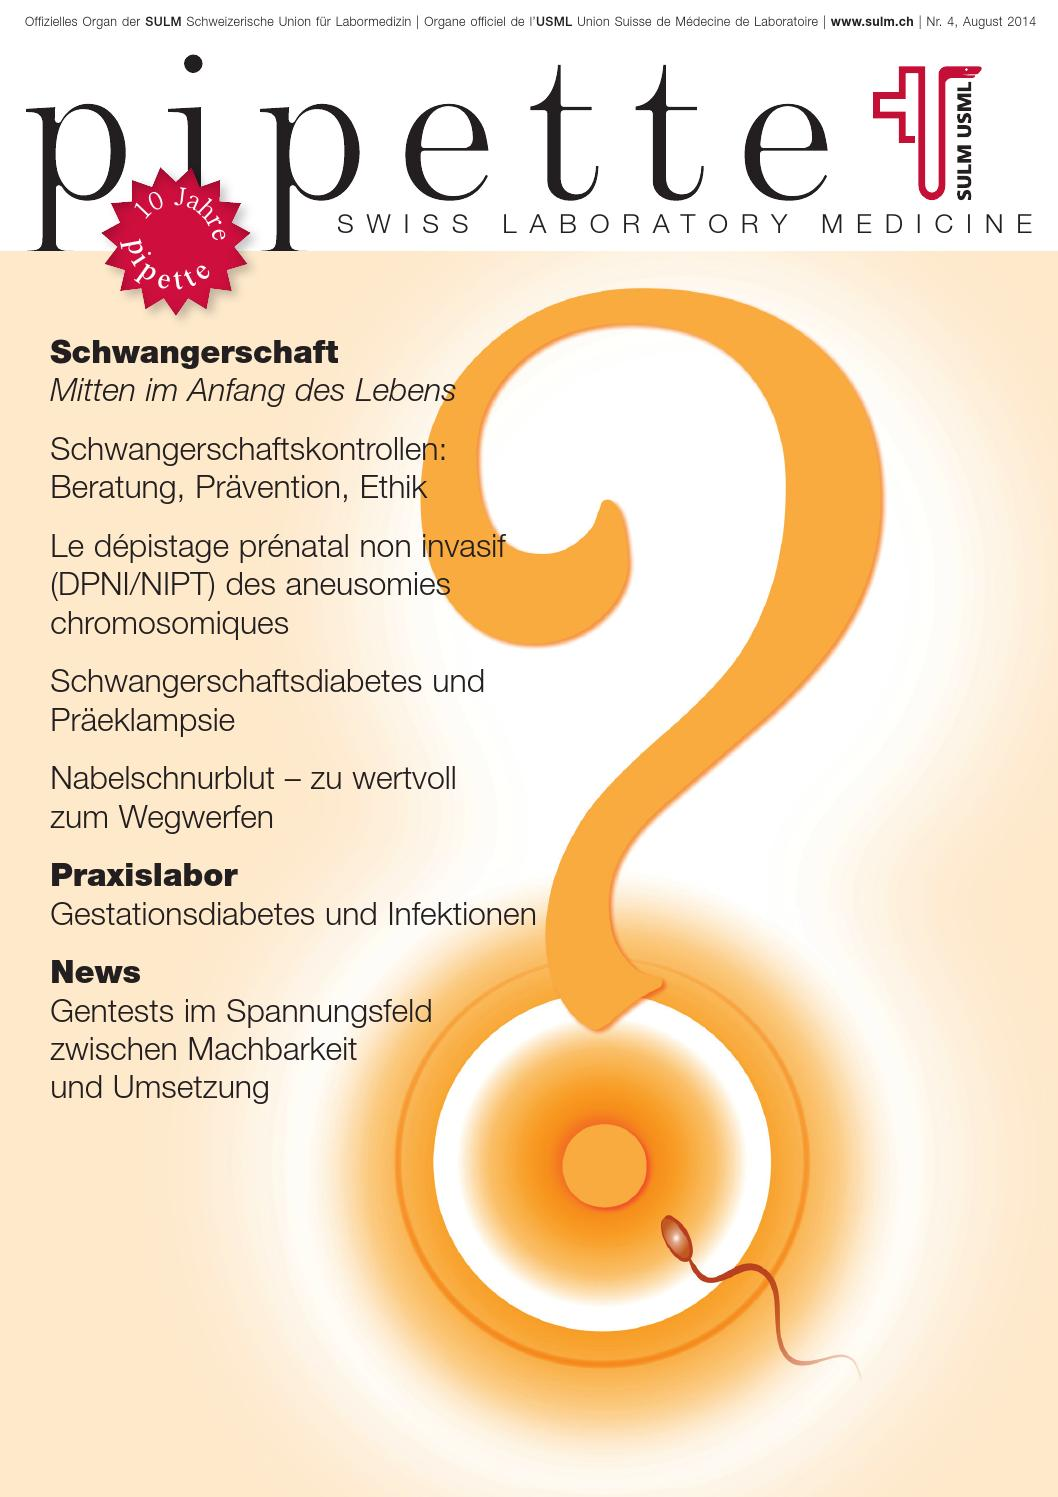 missbildung durch rauchen schwangerschaftsdiabetes